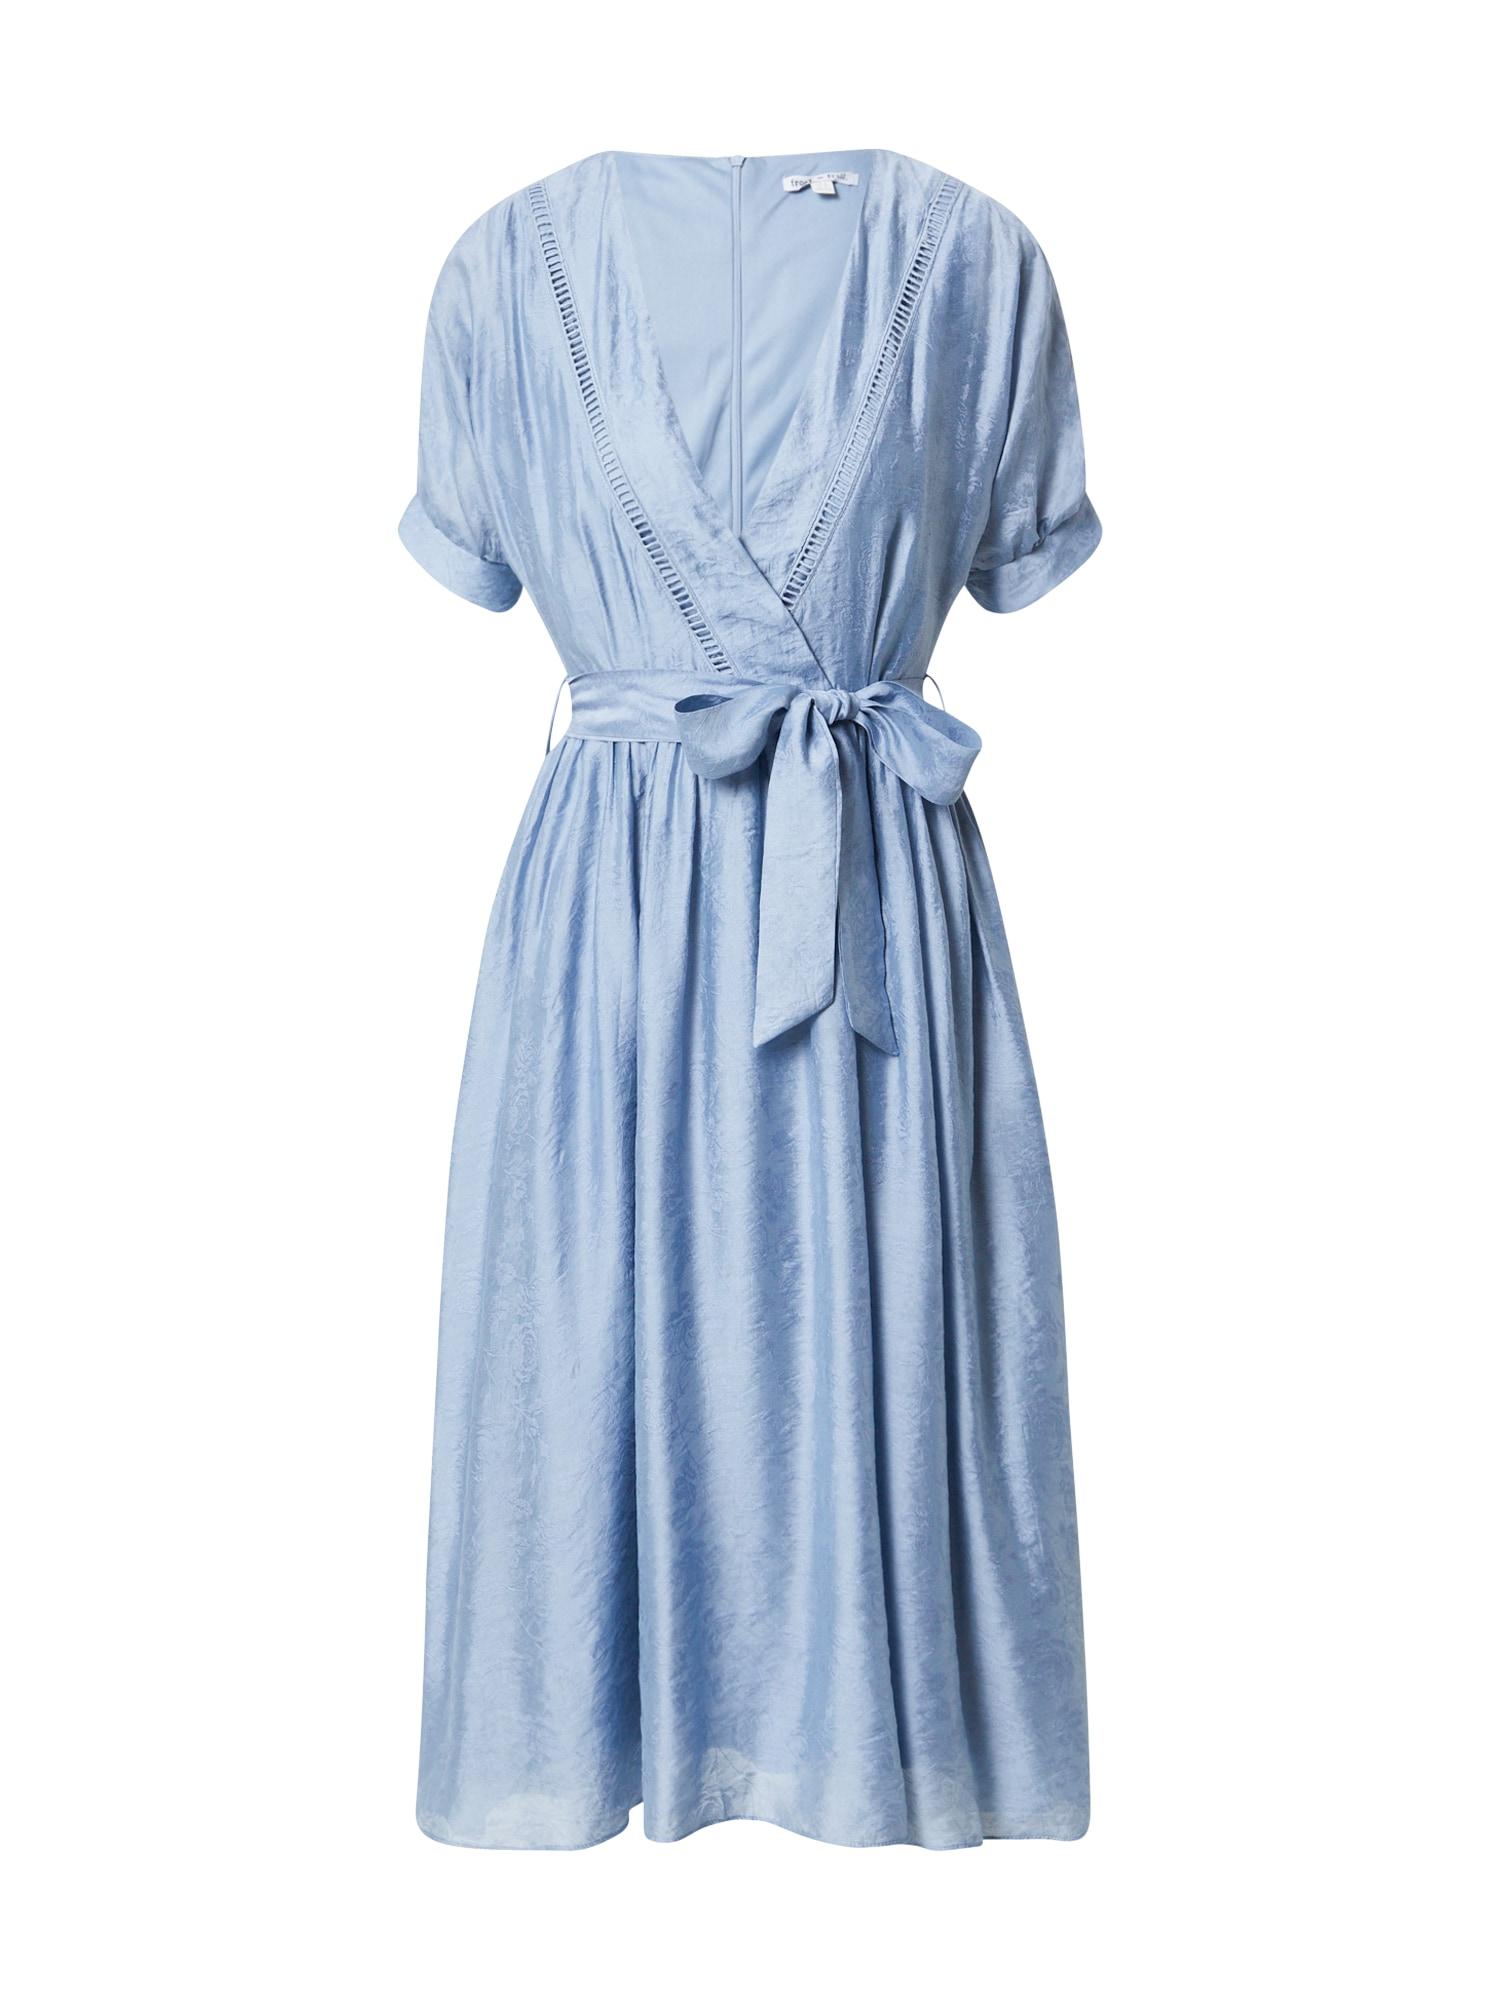 Frock and Frill Suknelė mėlyna dūmų spalva